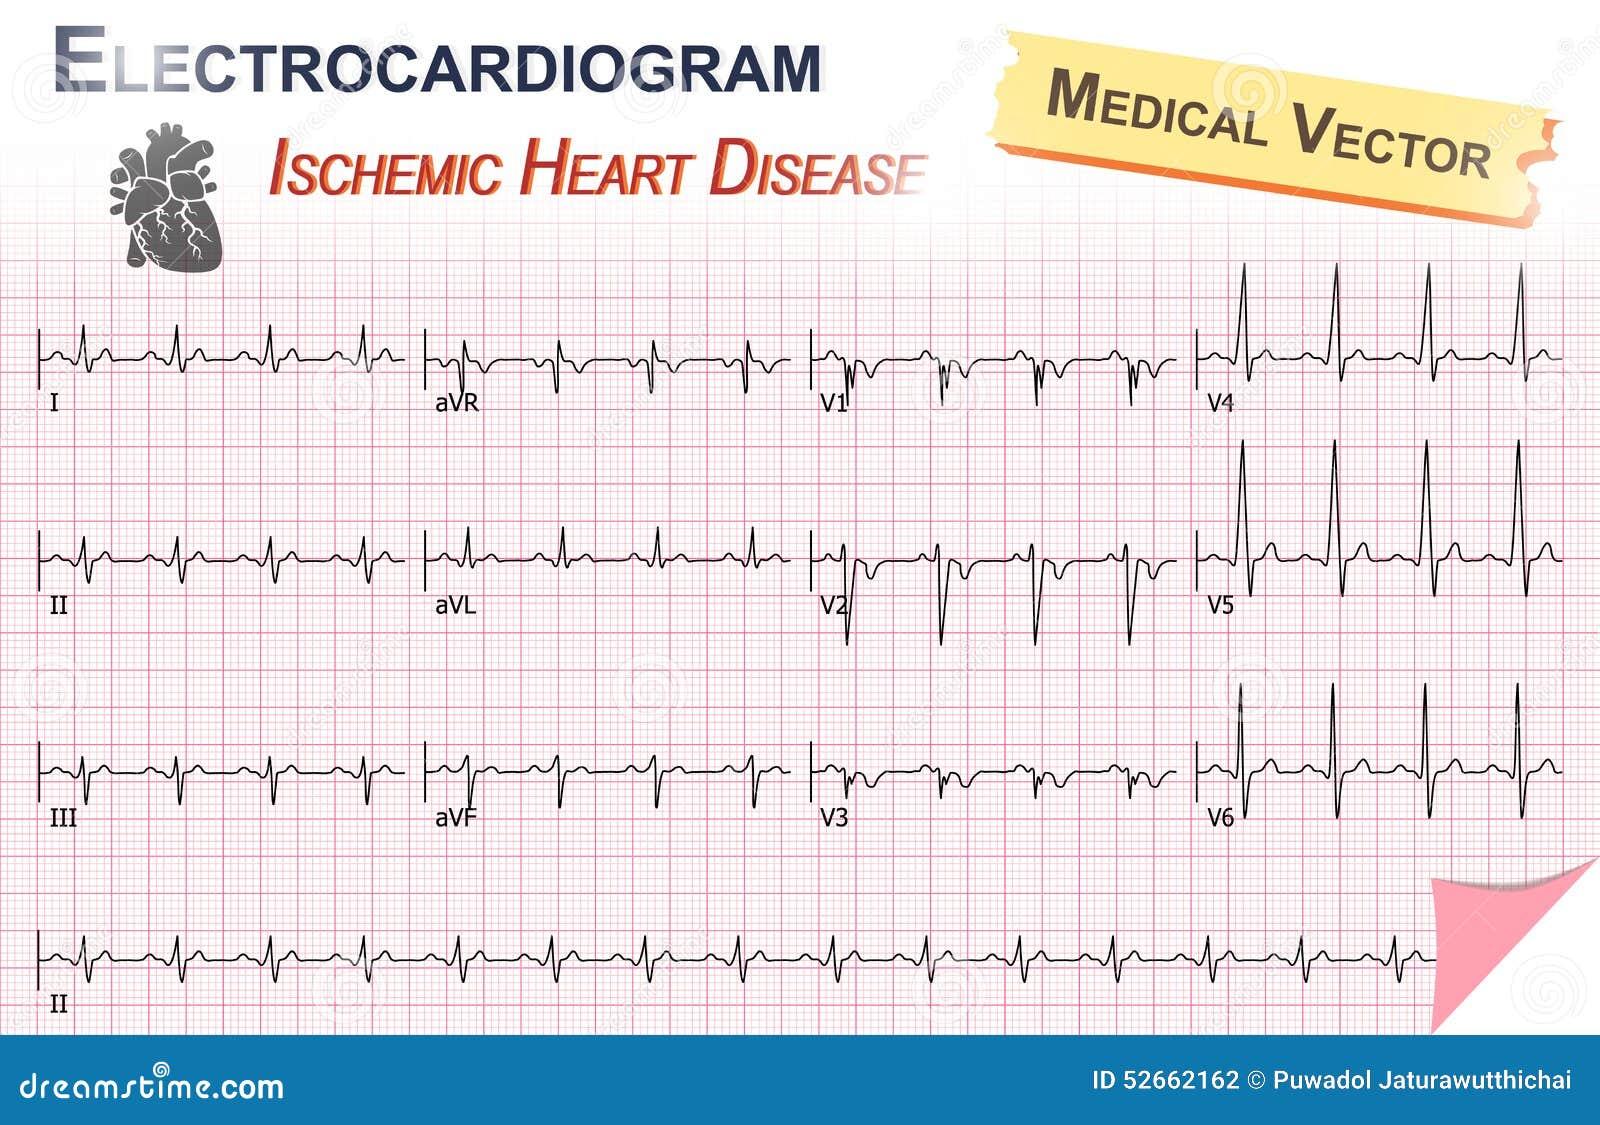 Electrocardiograma (ECG, ECG) De La Enfermedad Cardíaca Isquémica ...